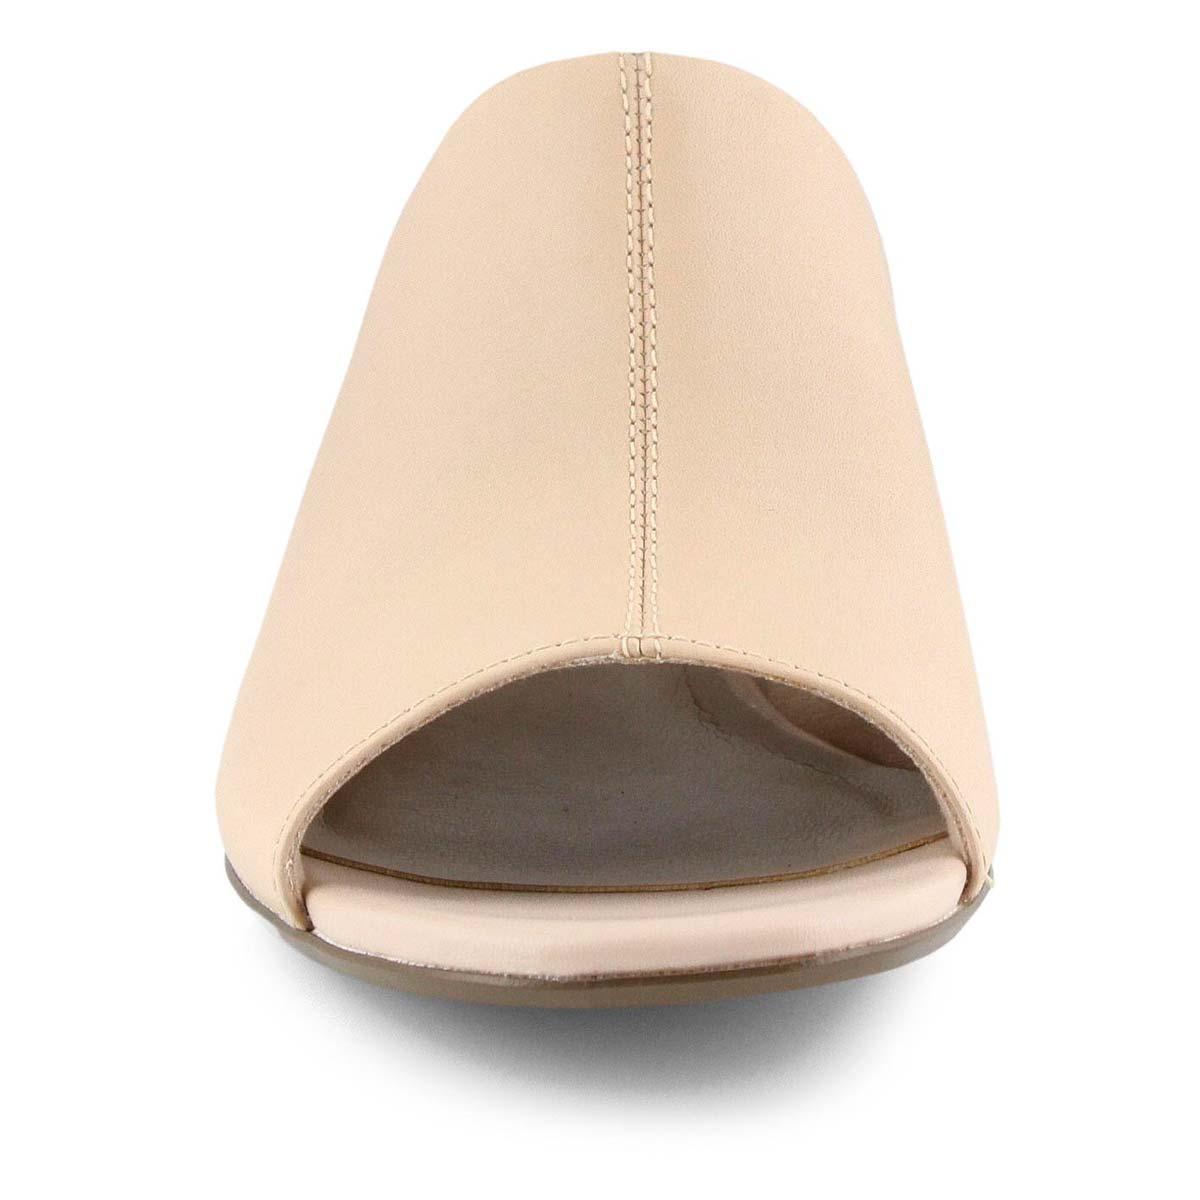 Women's Elisa Rose Dress Slide Sandal - Blush